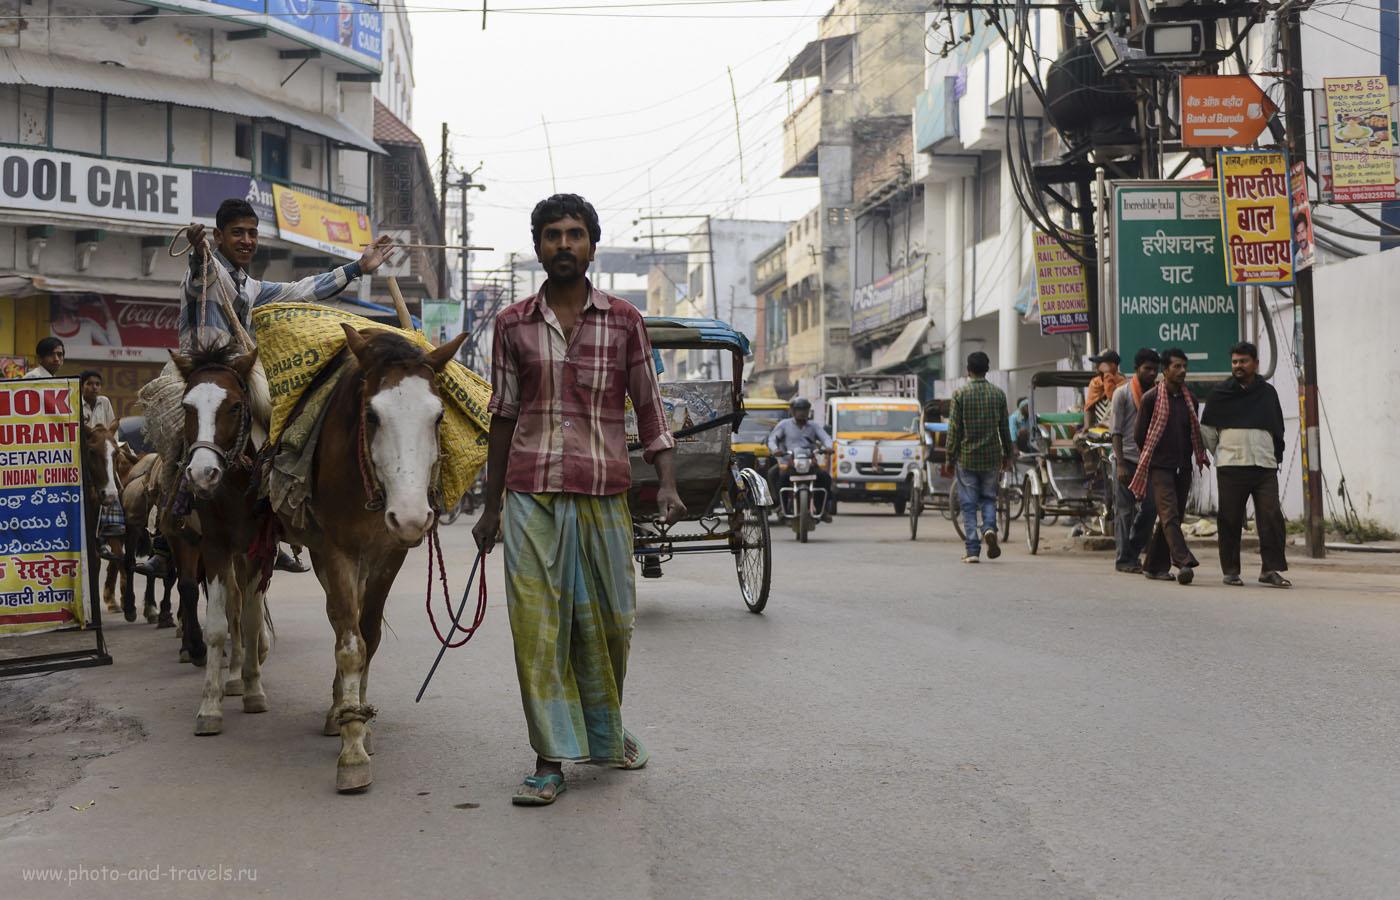 Фото 20. Путешествуя по Индии, вы встретите, чаще всего, доброжелательных, немножко наивных людей. 1/1000, 2.8, 250, 35.